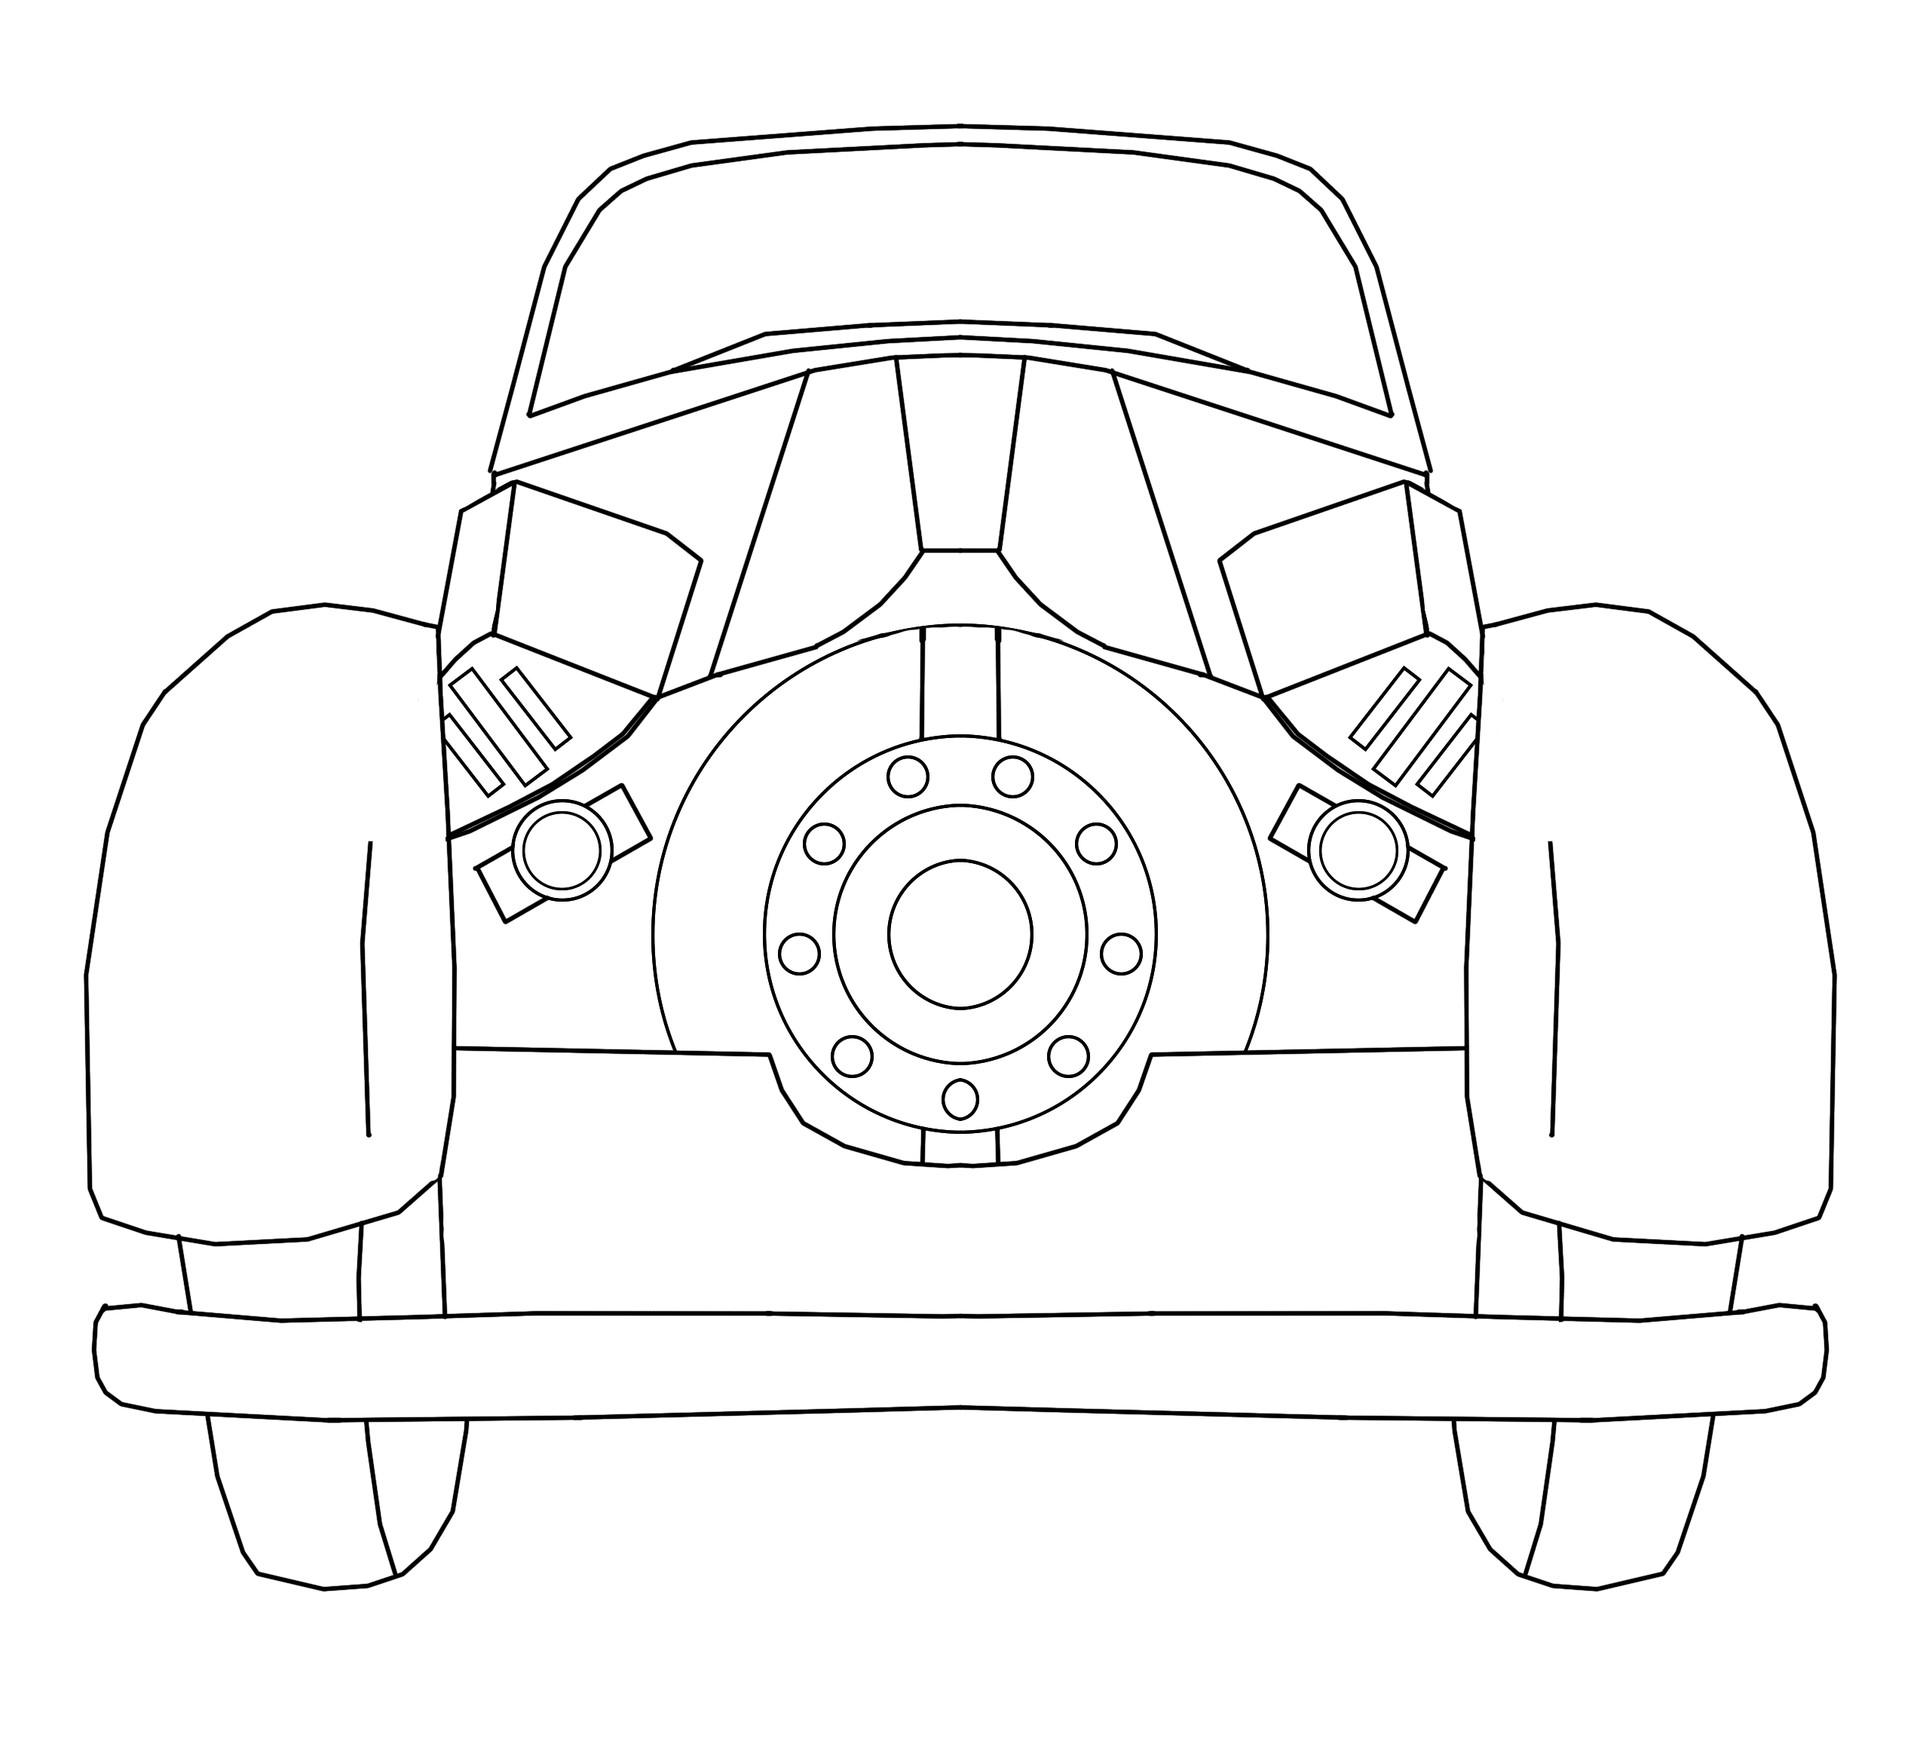 Ambulance Car Back Stock Image